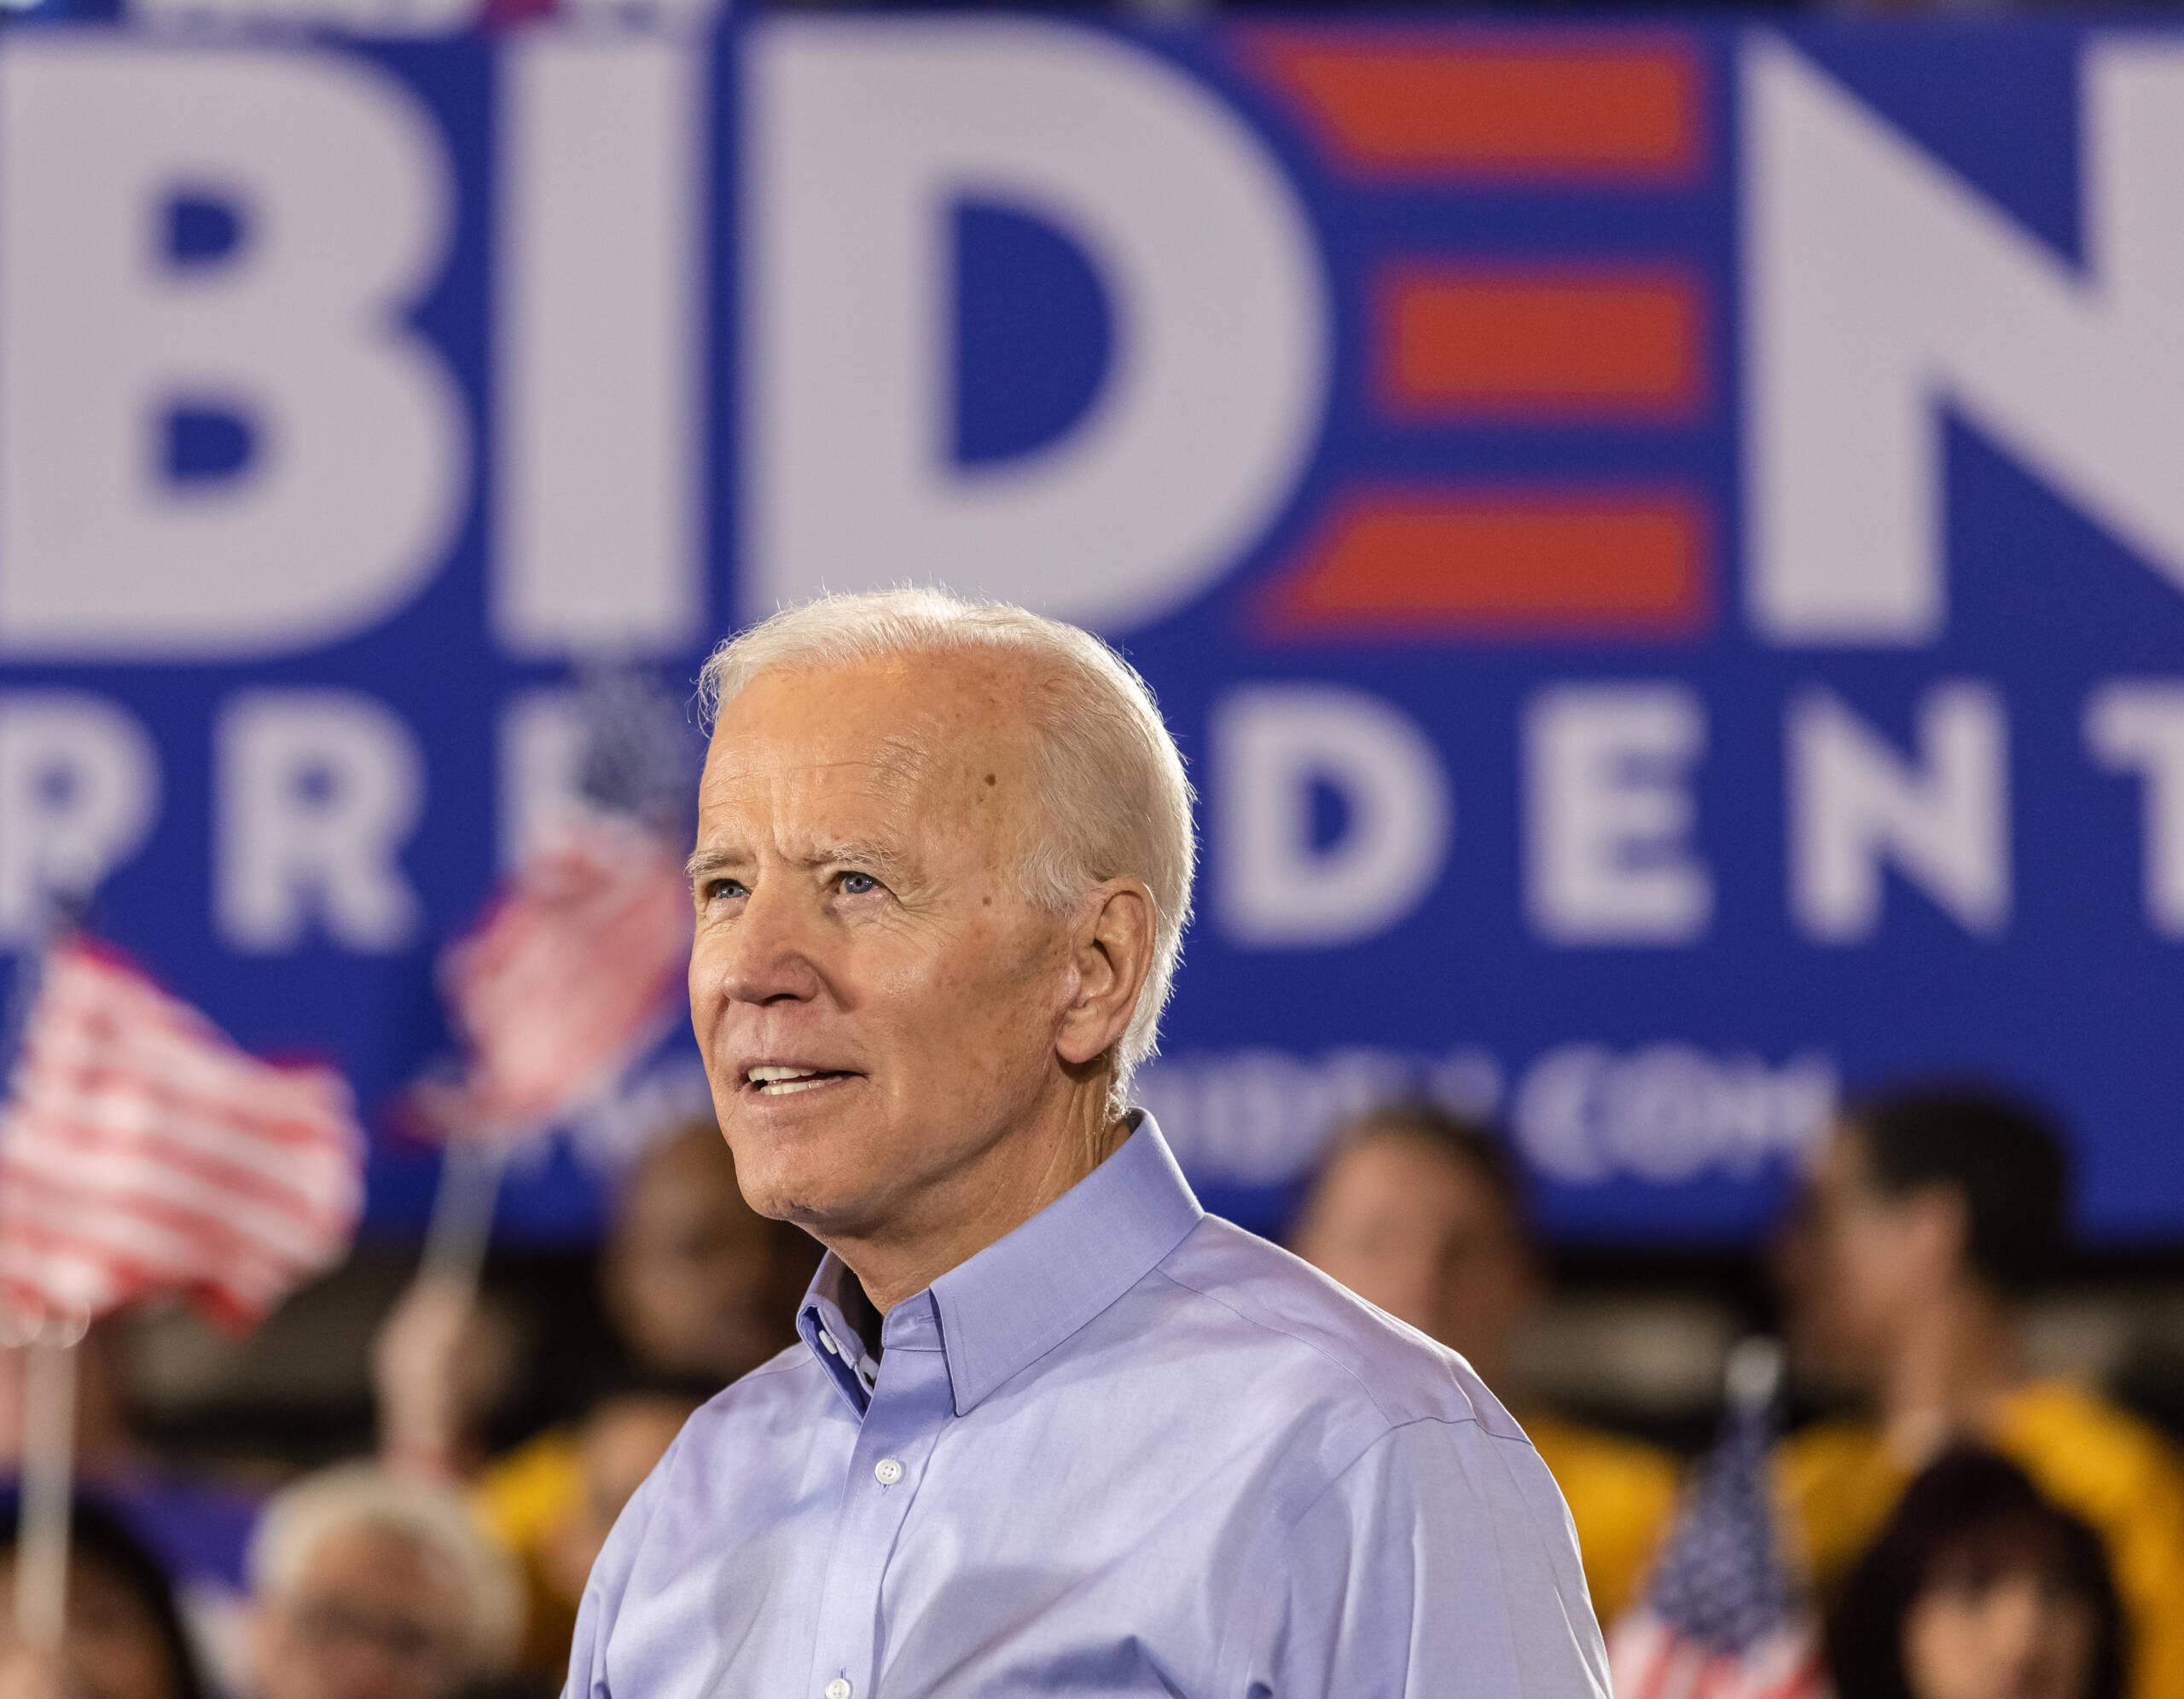 Der neue US-Präsident: Joe Biden